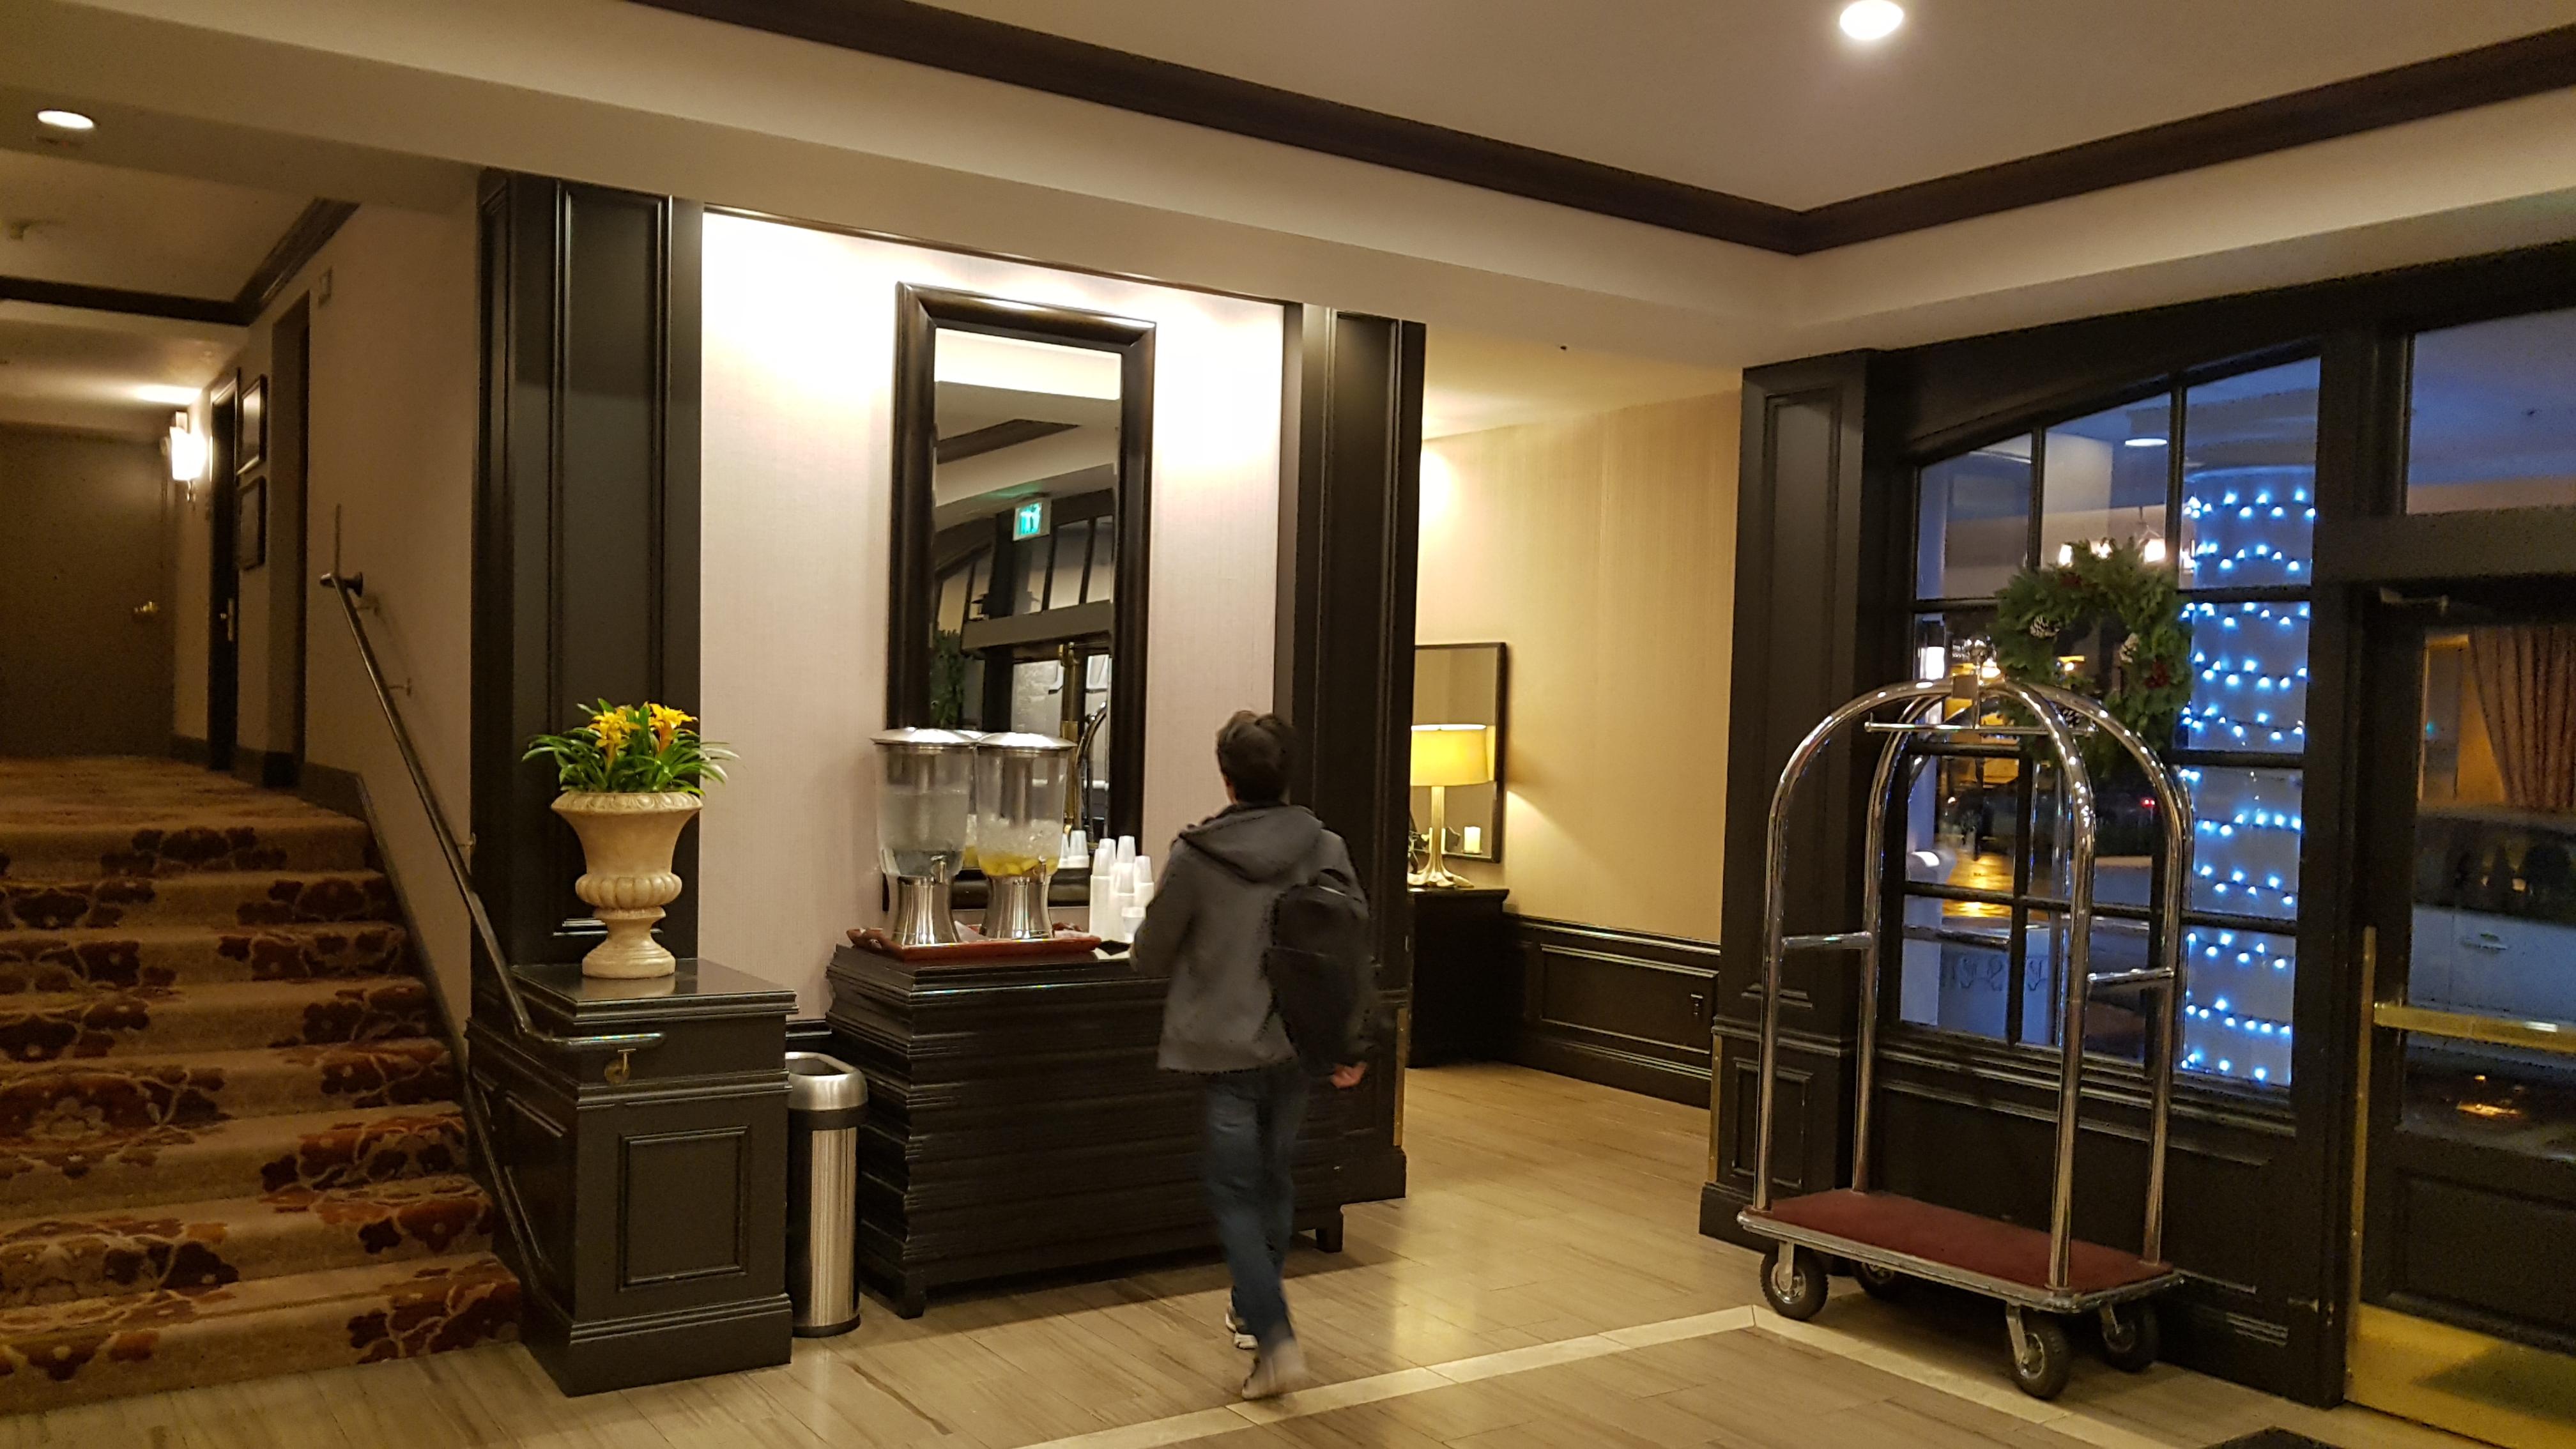 hotel zoe san francisco, tuscan inn, TV, [샌프란시스코] 마지막 밤을 보낸 호텔 - Hotel Zoe San Francisco, 나무, 땅 값, 레몬, 마담 투소, 마지막 밤, 벽난로, 복도, 불운, 비, 빗길, 산호세, 샌프란 사진, 샌프란시스코, 샹들리에, 아늑함, 어두침침, 와이퍼, 요곶, 요란, 욕조 높이, 인테리어, 캘리포니아, 크리스마스, 트리, 폭우, 호텔, 호텔 내부, 호텔 로비, 화장실